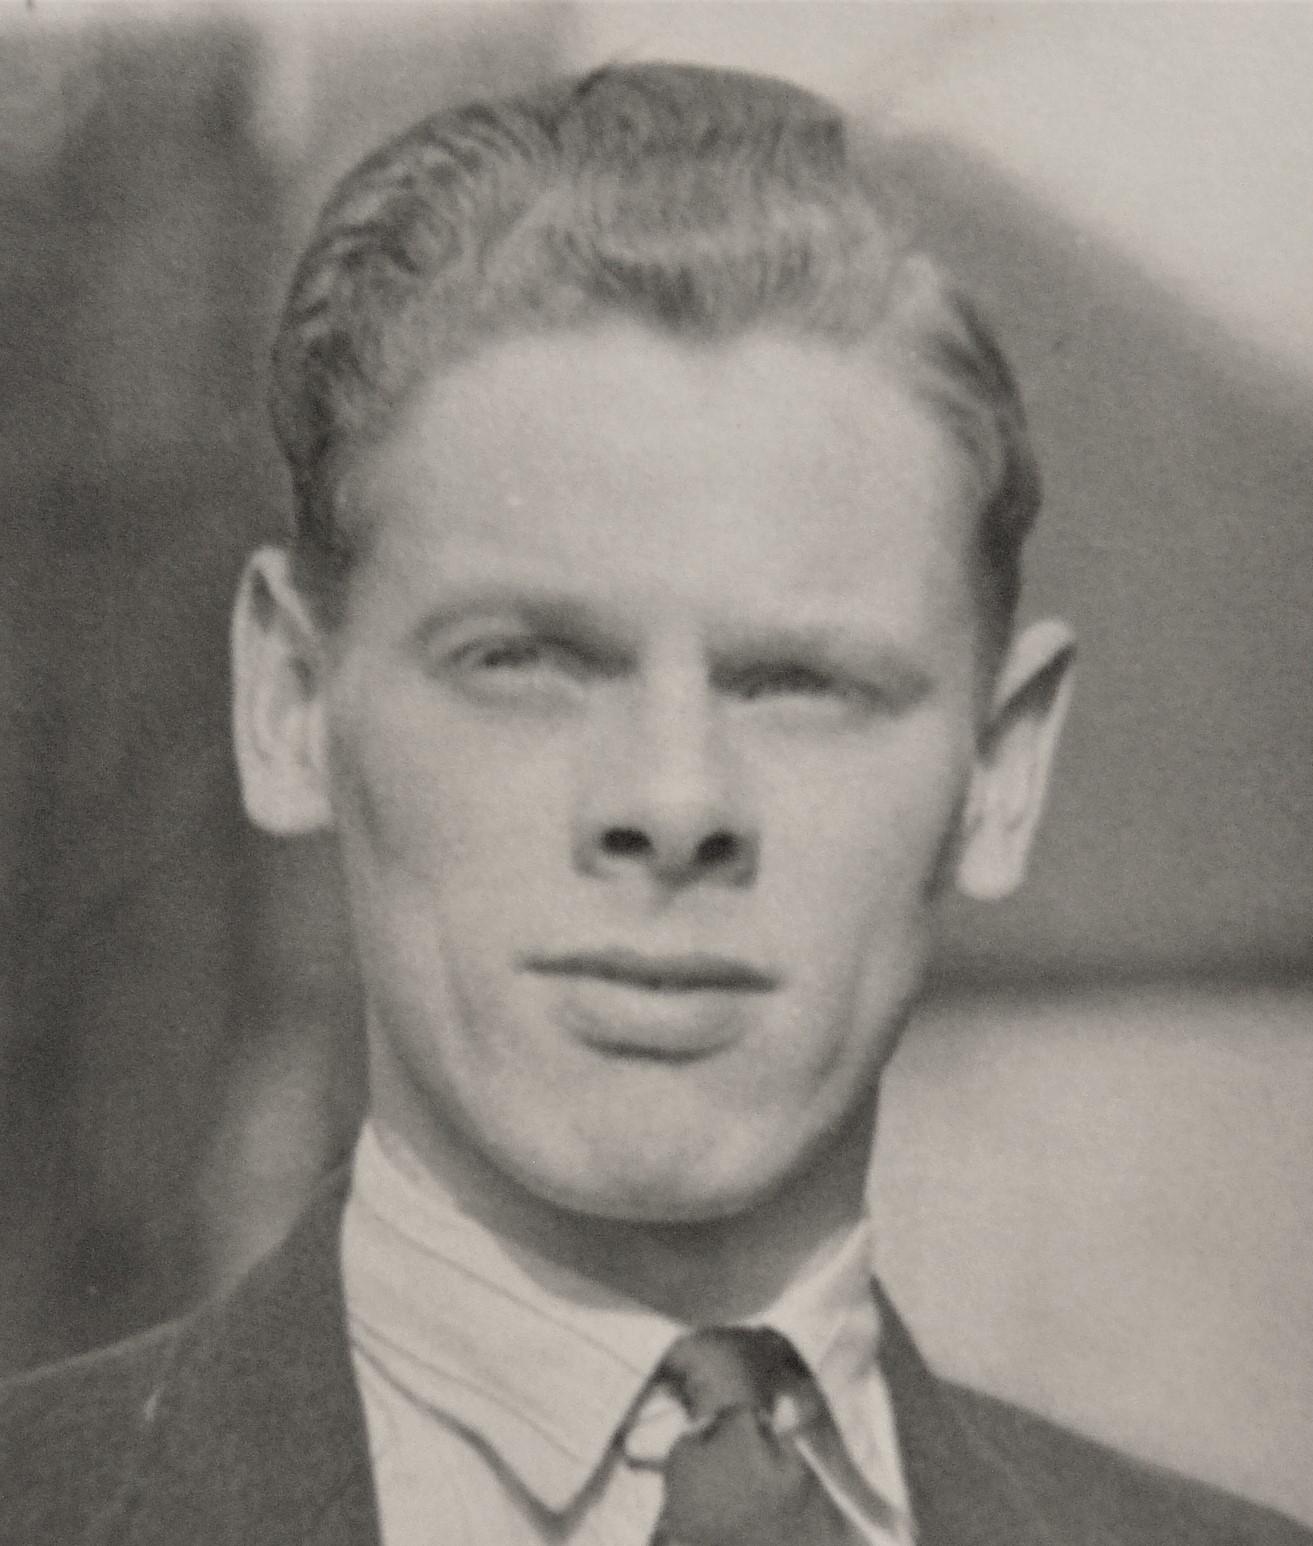 George Henry Dracup (1926-2018)